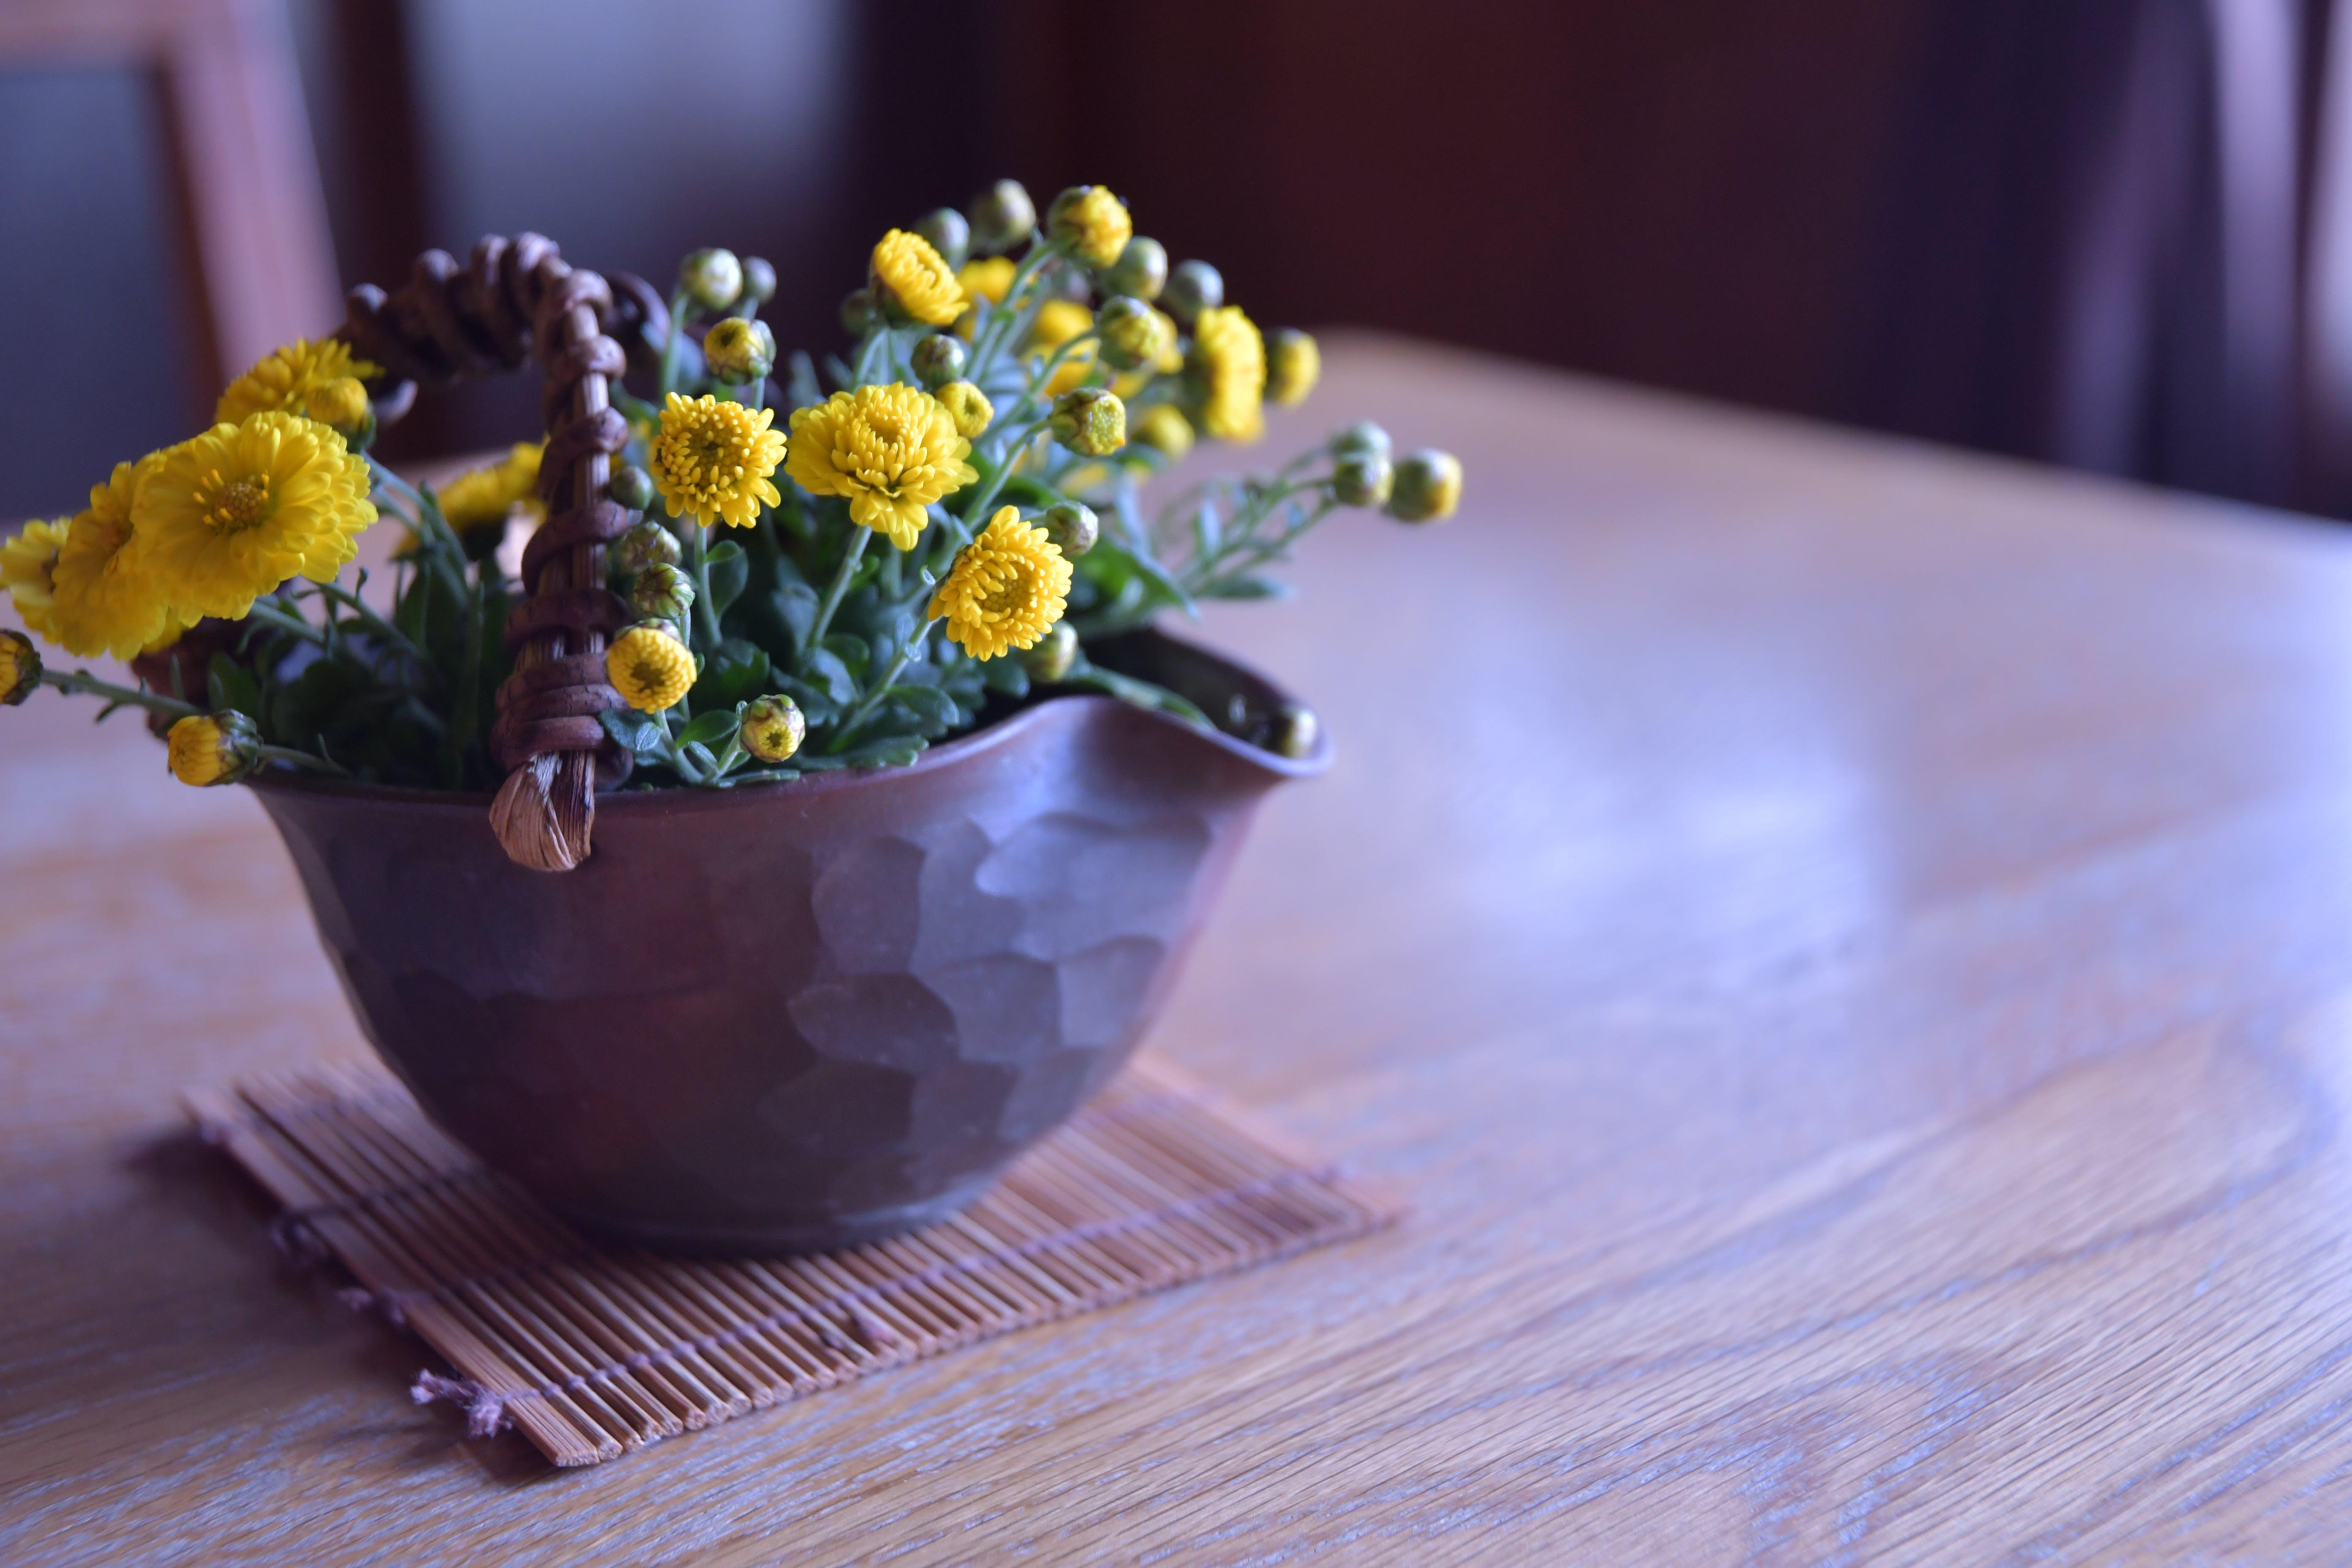 Fotos de stock gratuitas de adentro, cacerola, color, flora